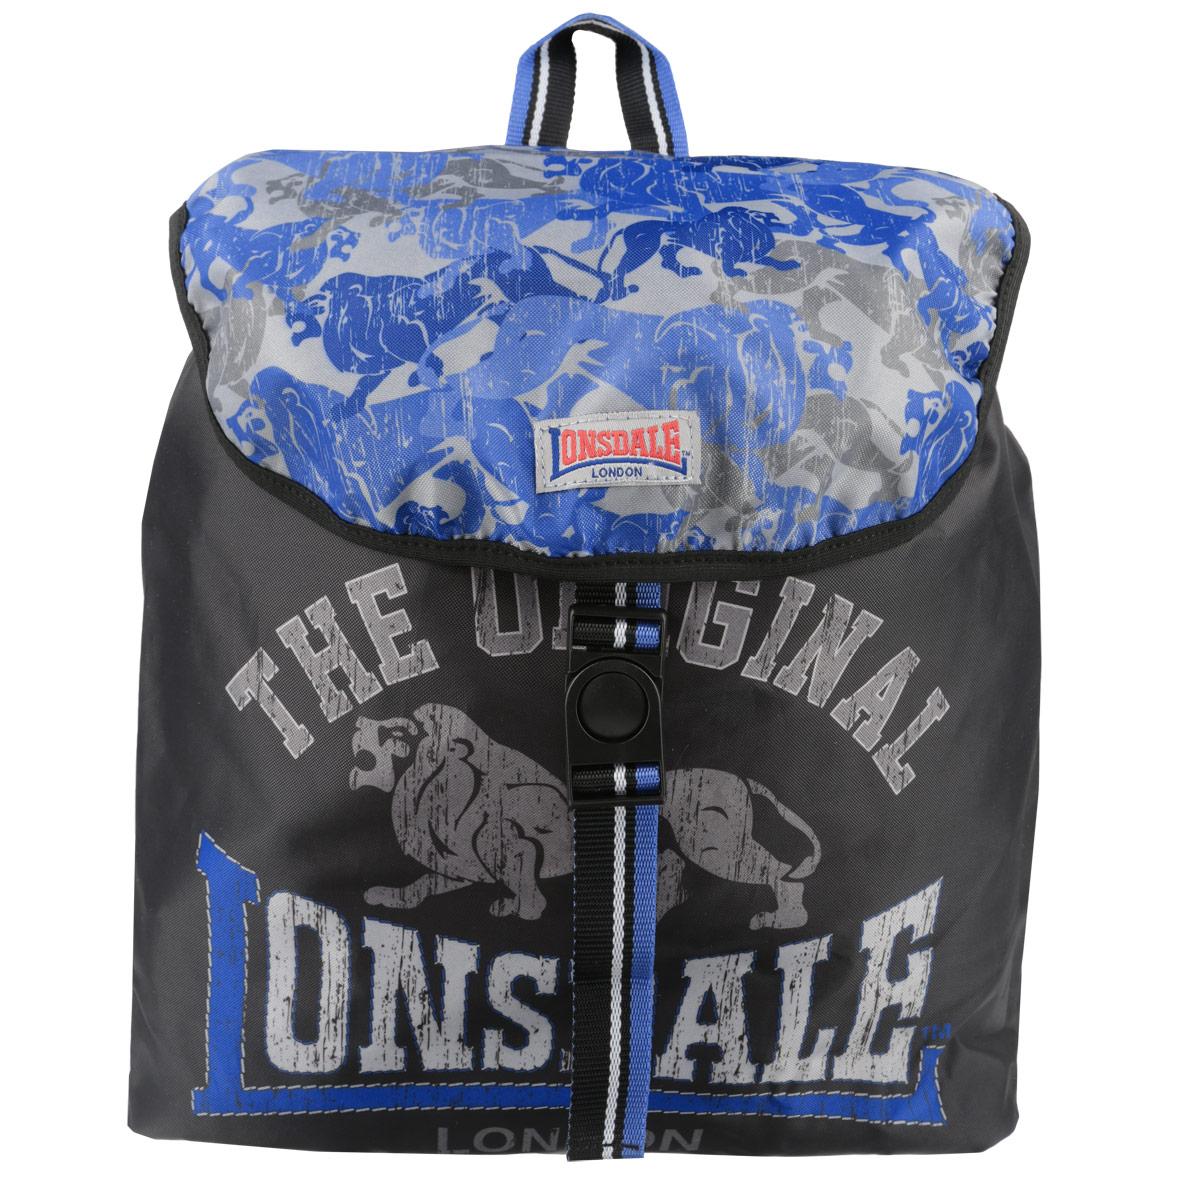 Рюкзак молодежный Lonsdale, цвет: черный, серый, голубой. LSCB-UT1-844LSCB-UT1-844Молодежный рюкзак Lonsdale сочетает в себе современный дизайн и долговечность. Выполнен из прочных и высококачественных материалов с изображением льва.Содержит рюкзак одно вместительное отделение, которое затягивается шнурком с пластиковым фиксатором и сверху закрывается клапаном на защелке. Широкие лямки отлично регулируются по длине. Изделие оснащено текстильной ручкой для переноски в руке. Этот рюкзак можно использовать для повседневных прогулок, отдыха и спорта, а также как элемент вашего имиджа.Рекомендуемый возраст: от 15 лет.